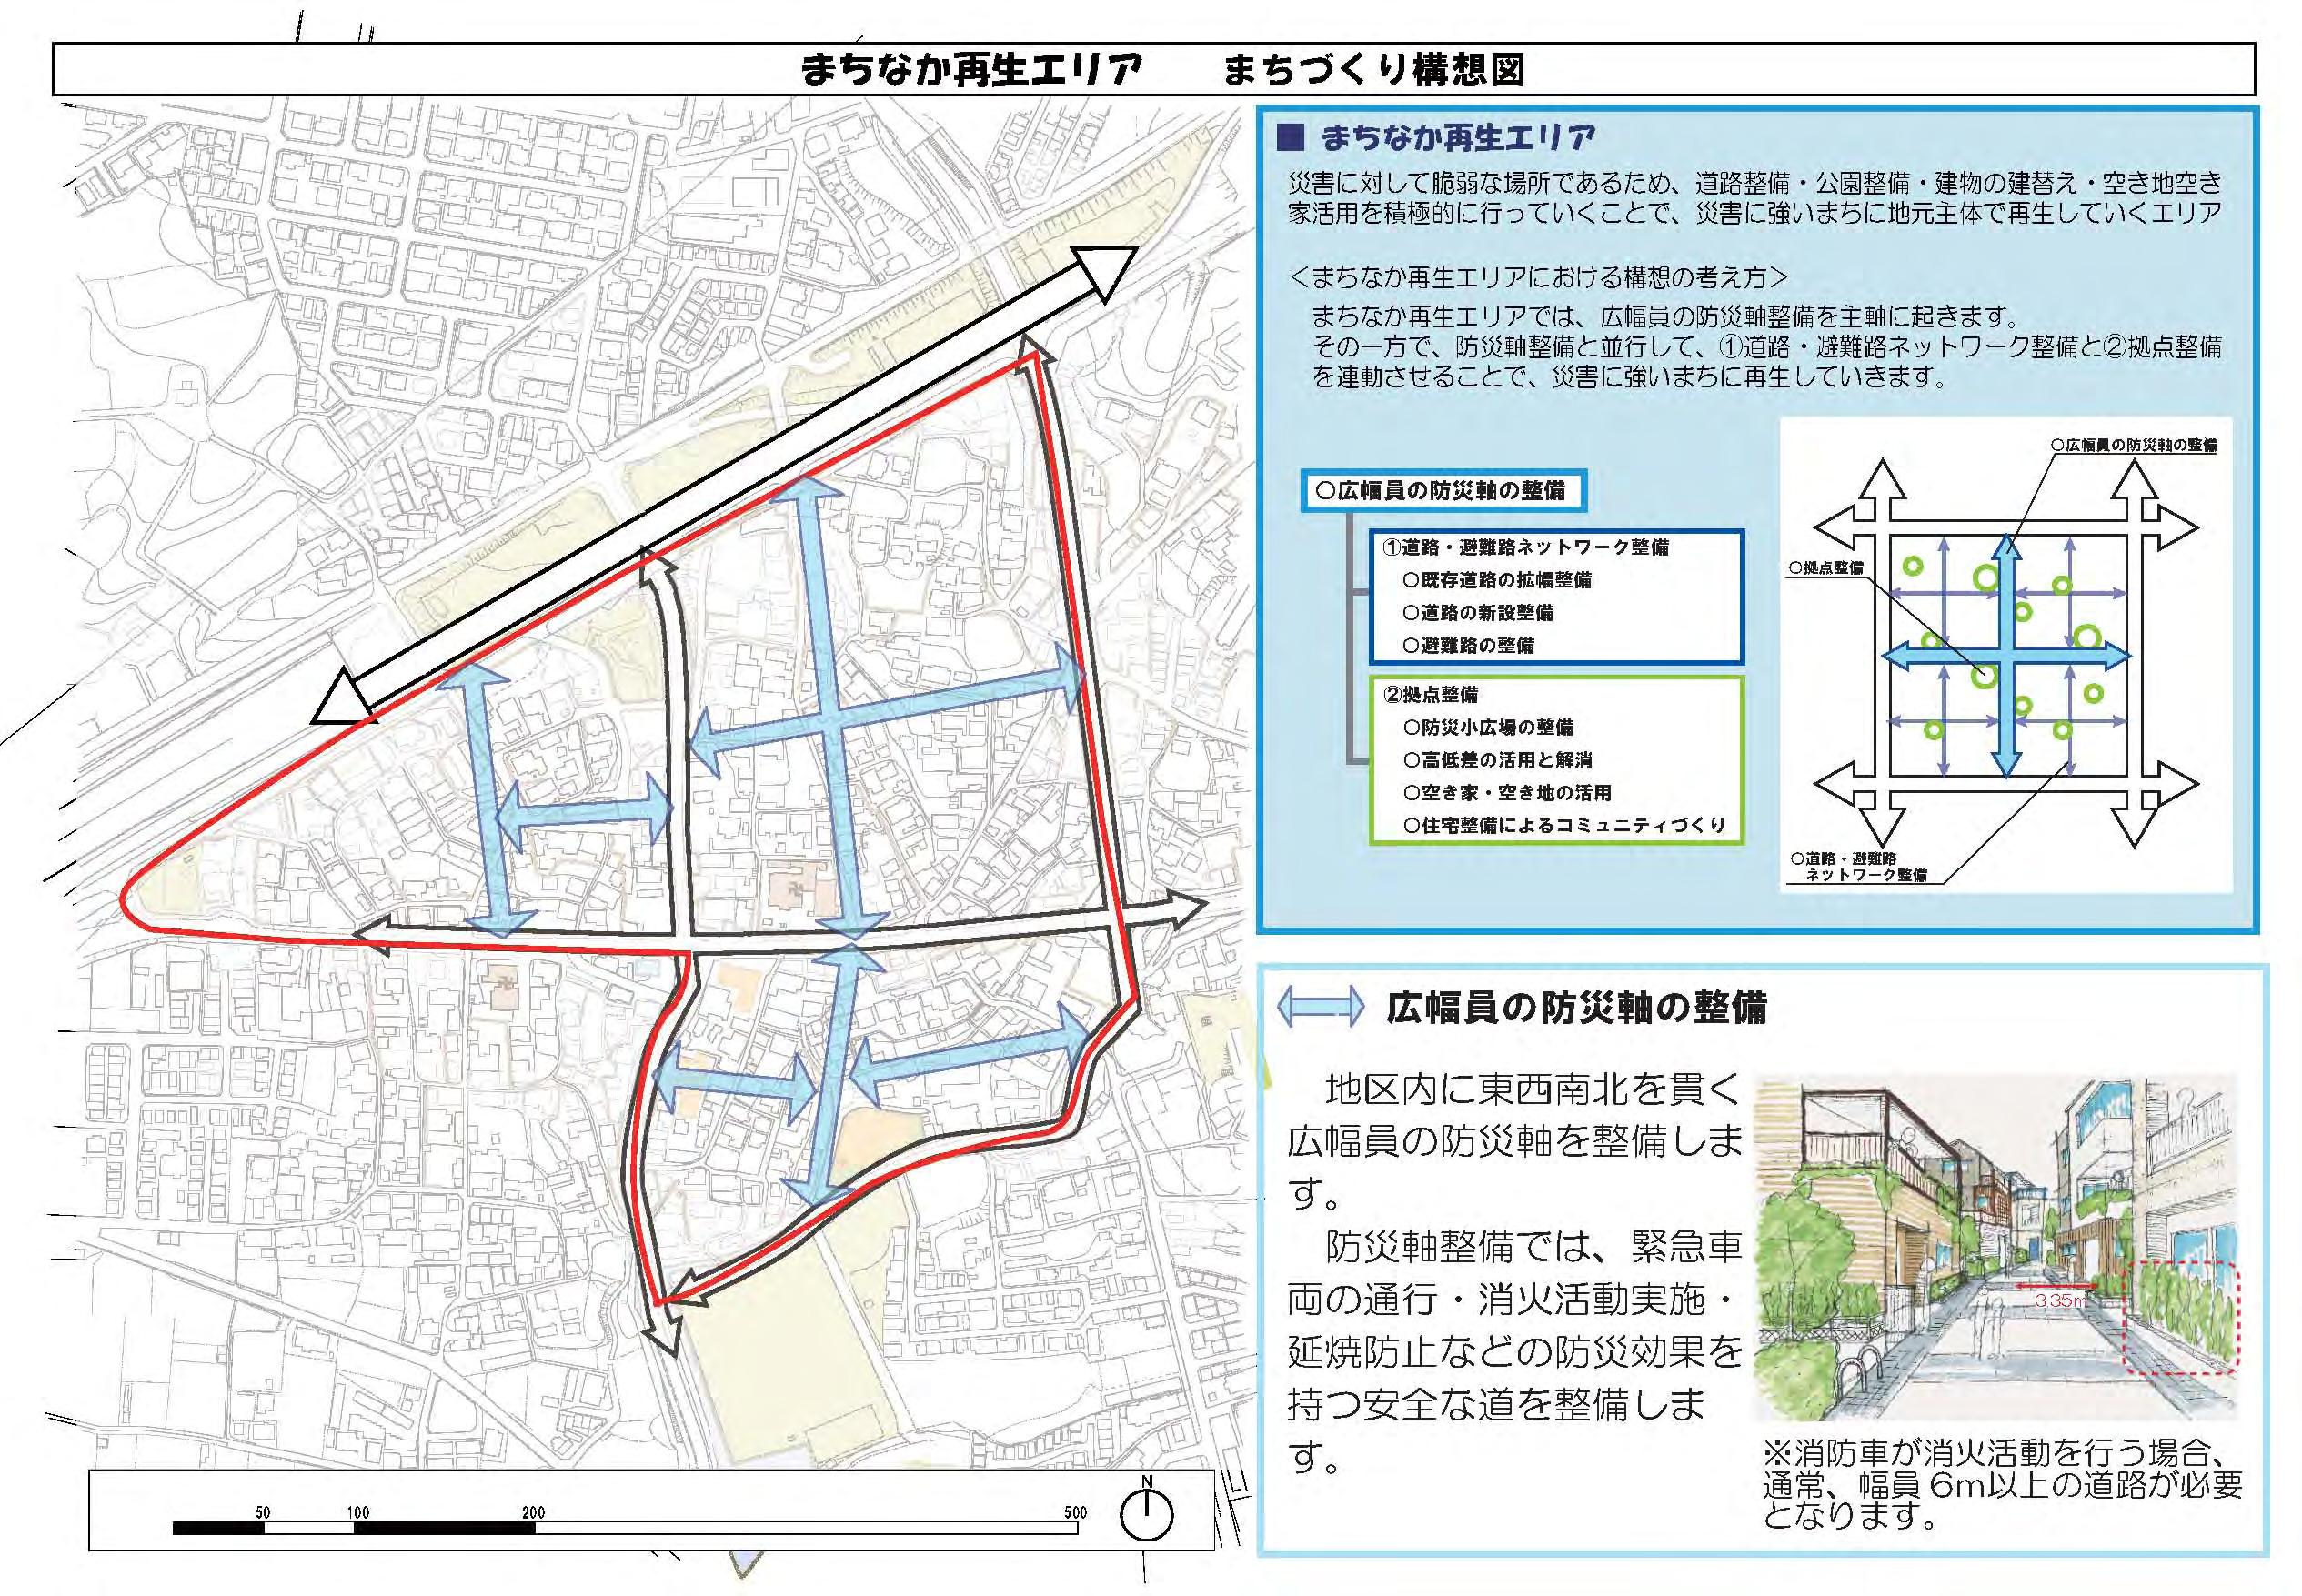 ふるさとリーサム地区による道路計画